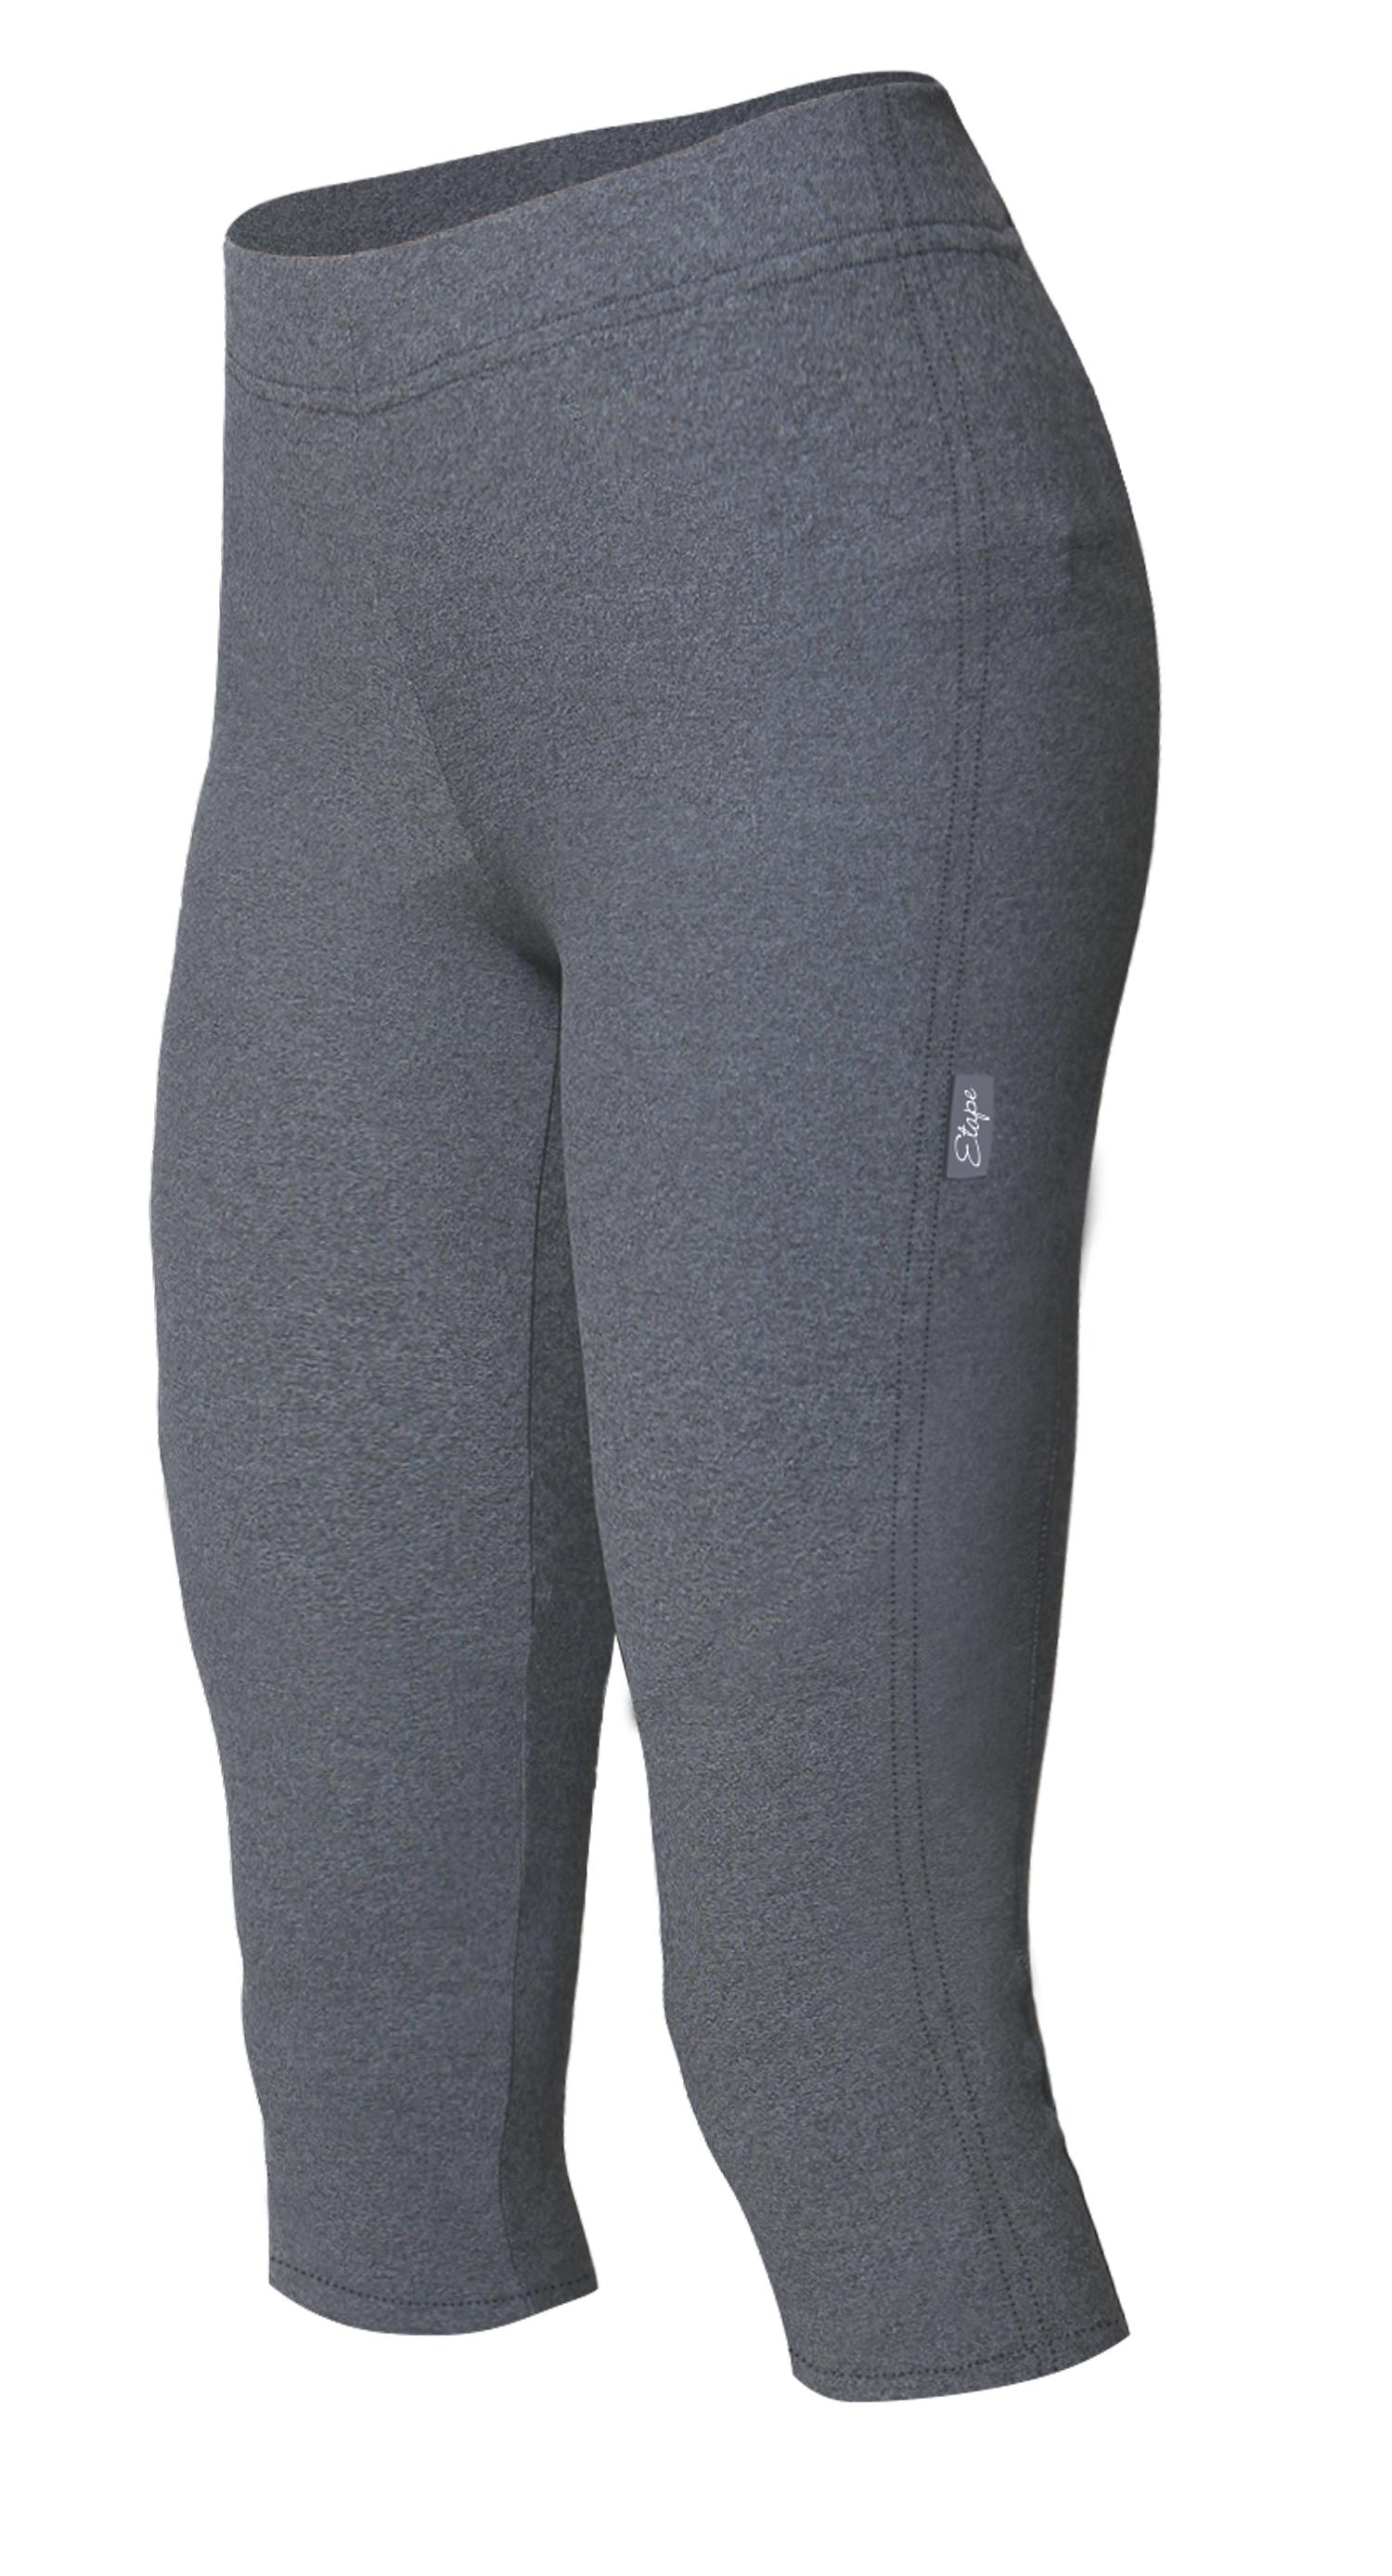 Dámské cyklistické kalhoty ETAPE Lady 3/4, vel. L, šedá, s vložkou, model 2017 (Dámské cyklistické kalhoty Etape, s dámskou elastickou vložkou )